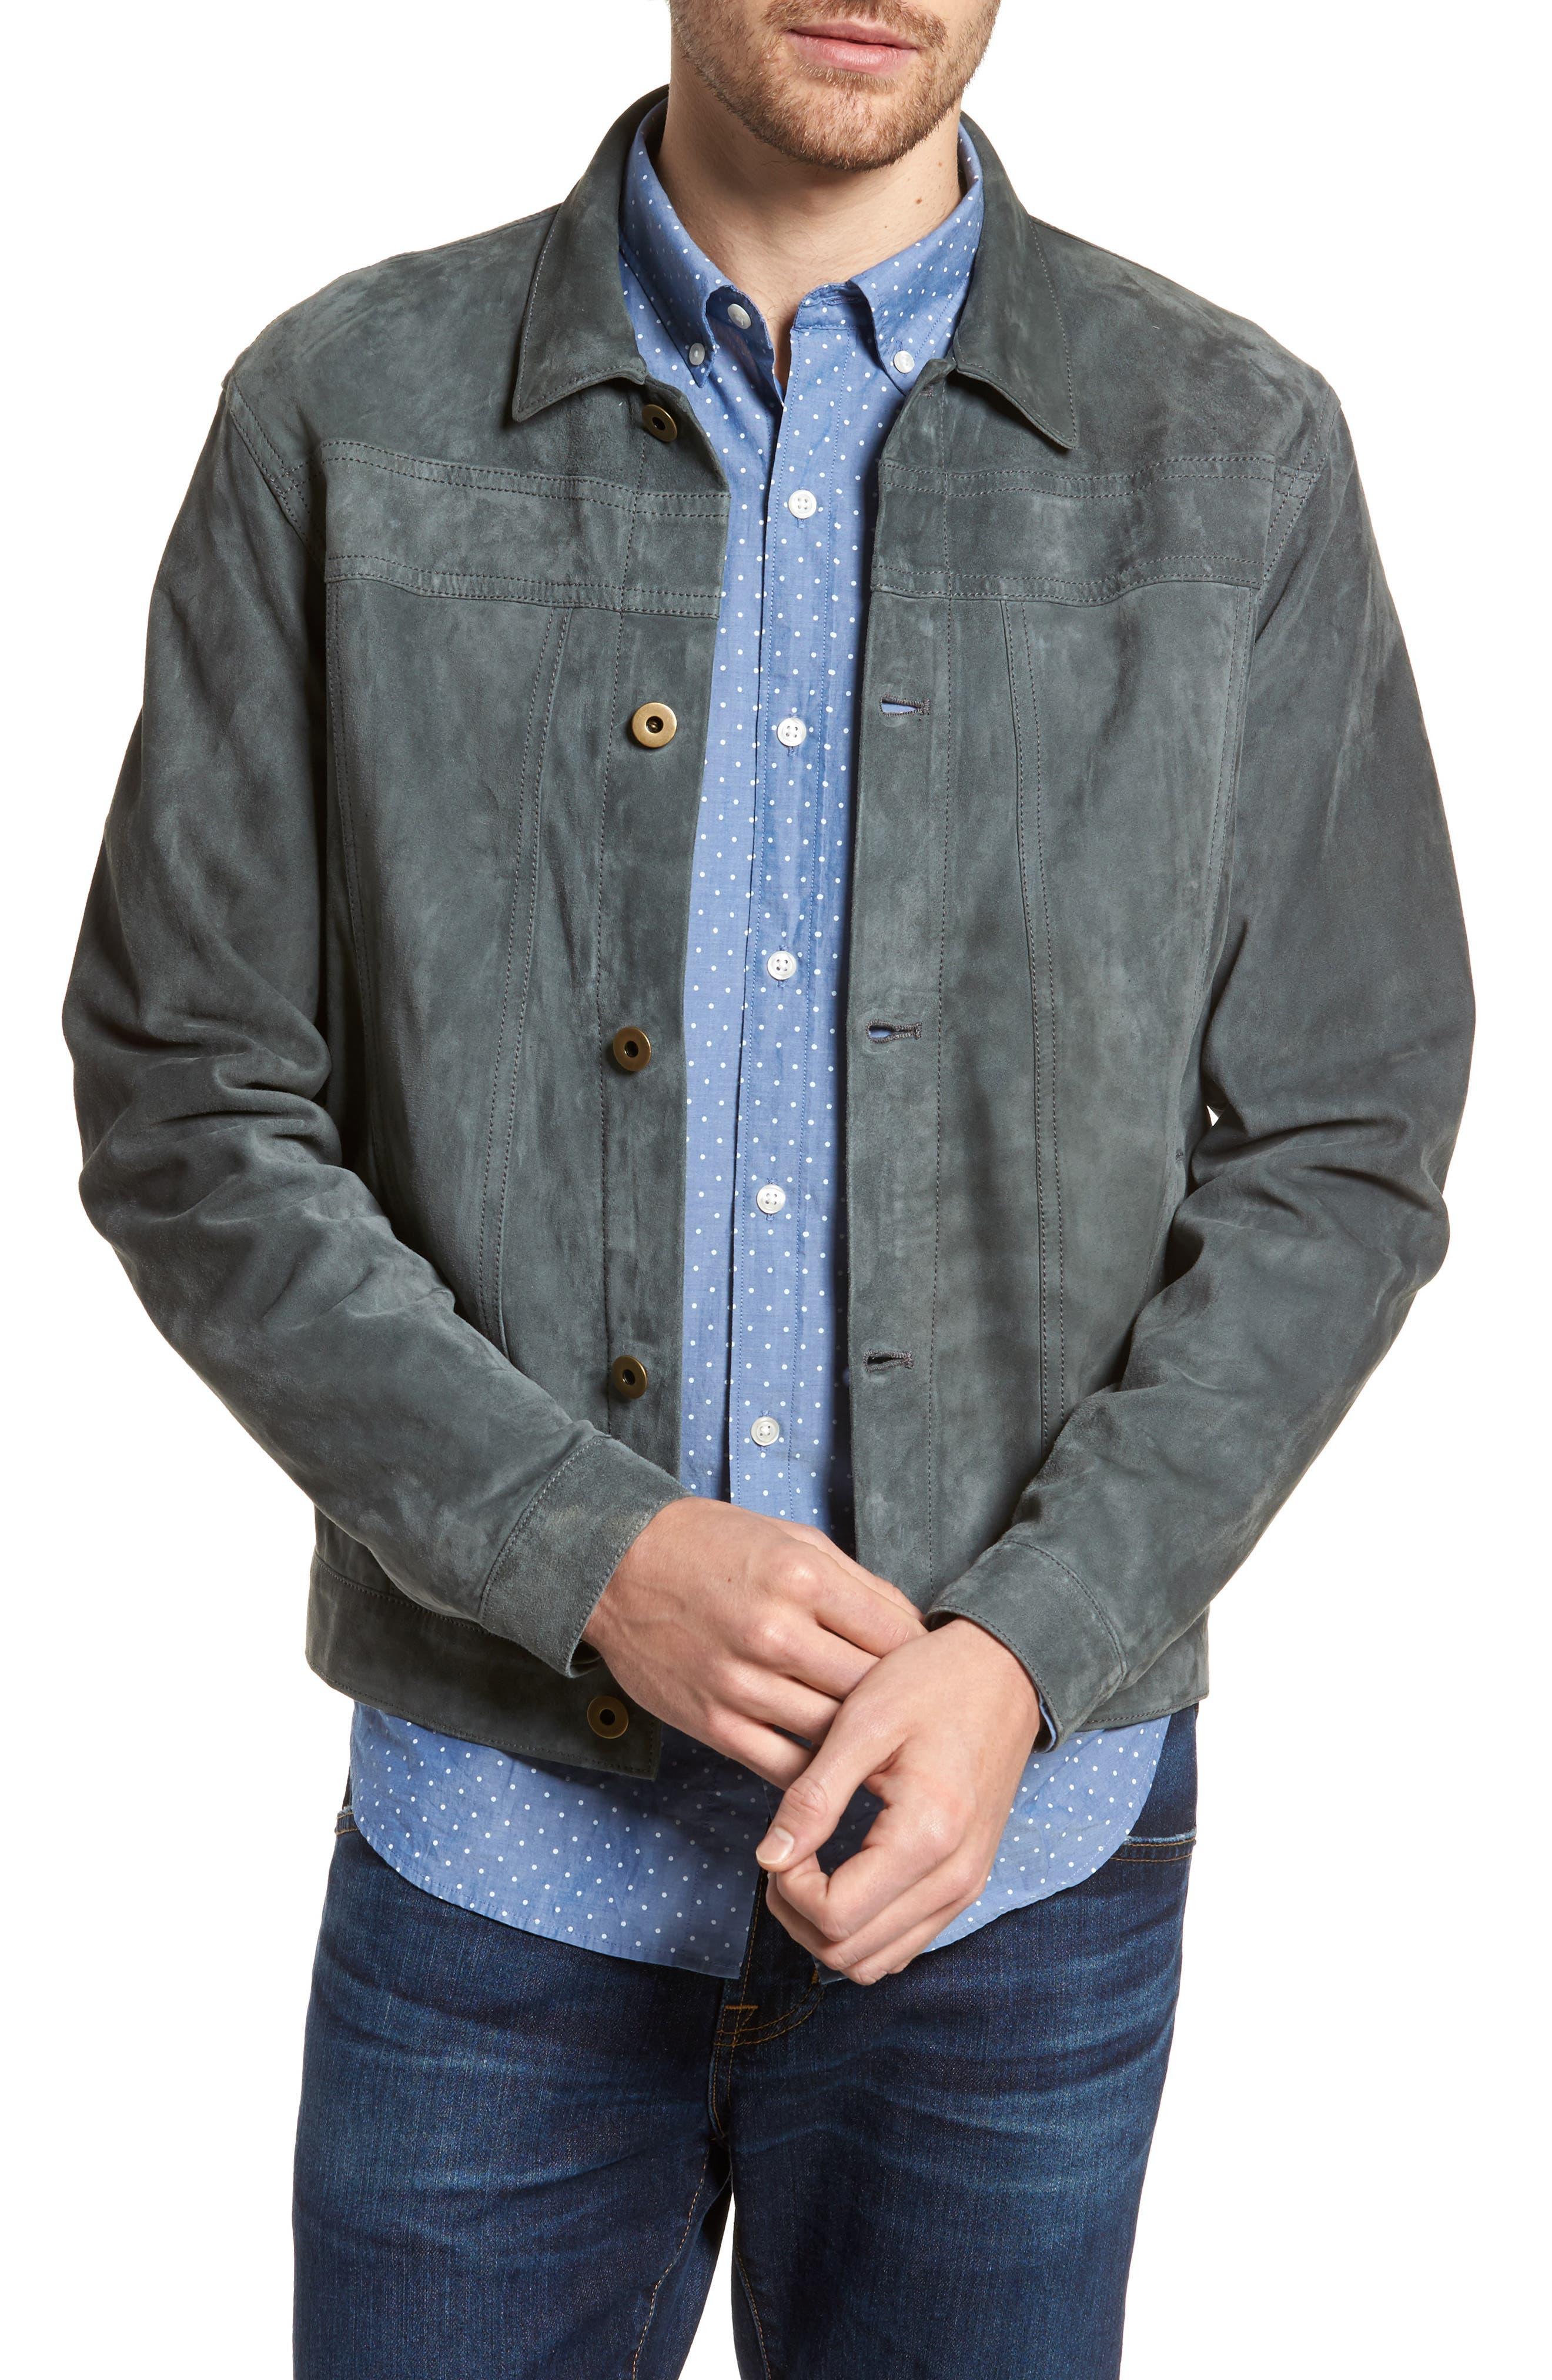 Cullen Suede Jacket,                         Main,                         color, Aspha